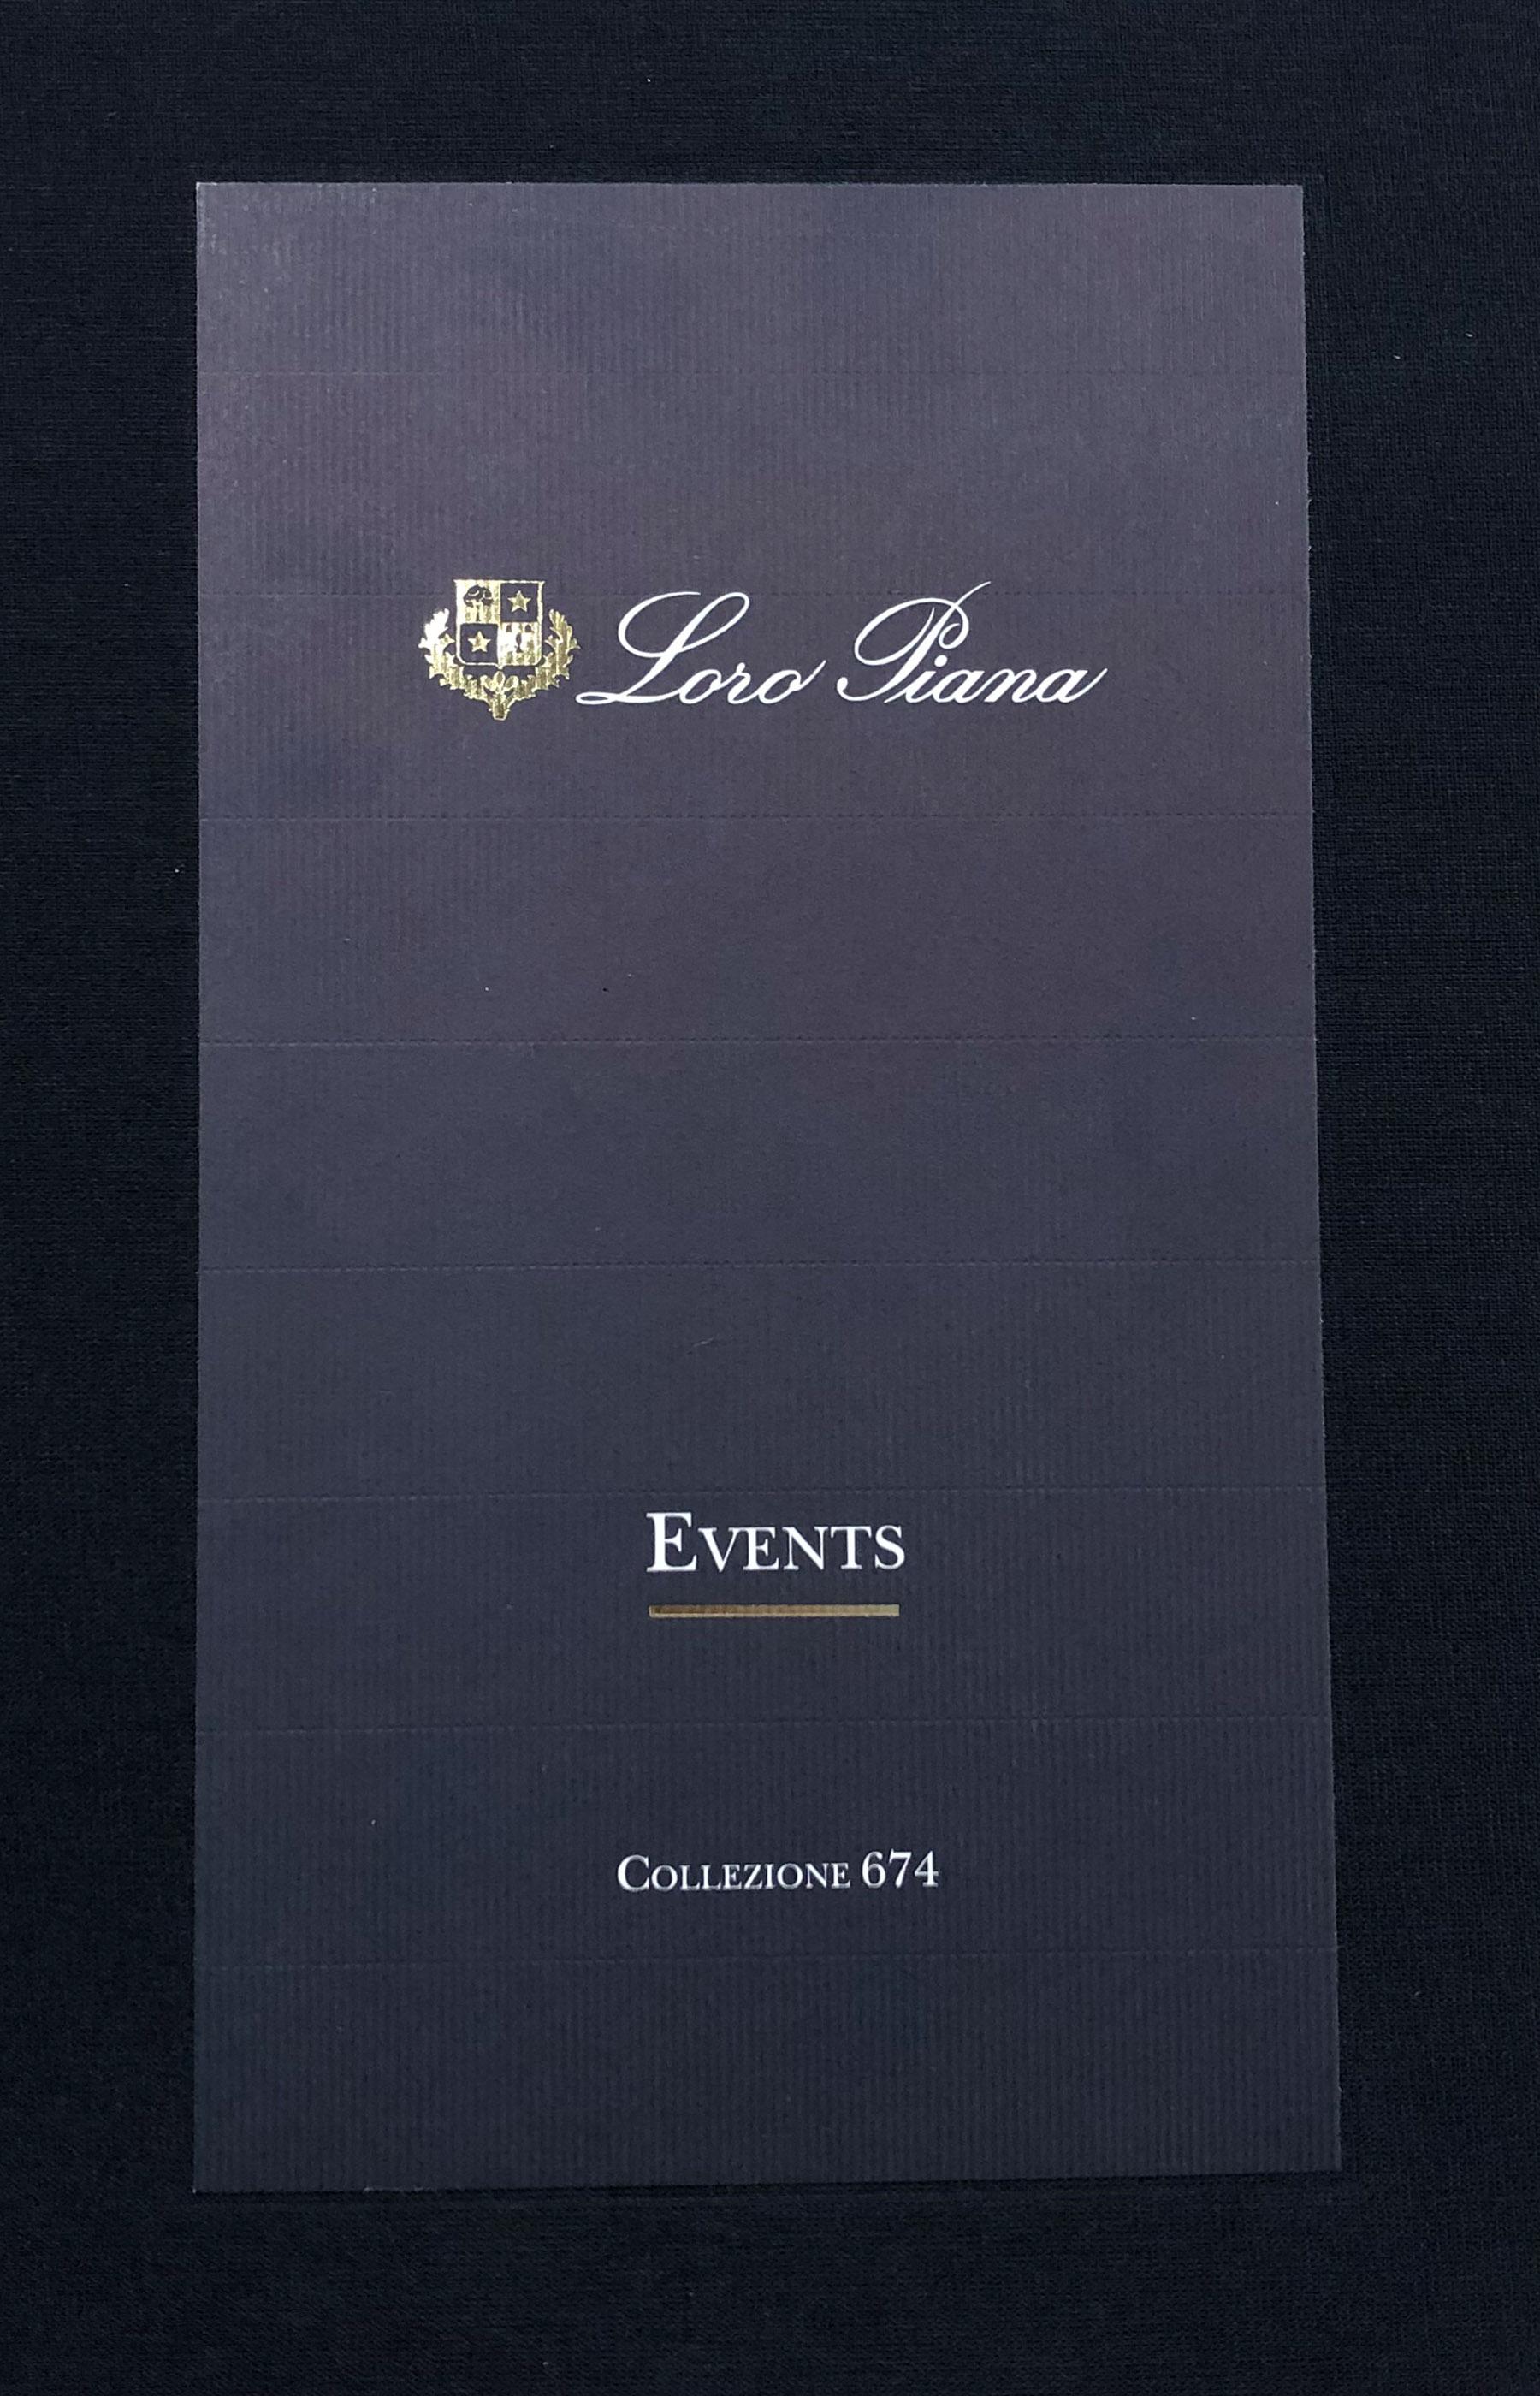 Loro Piana events.jpg